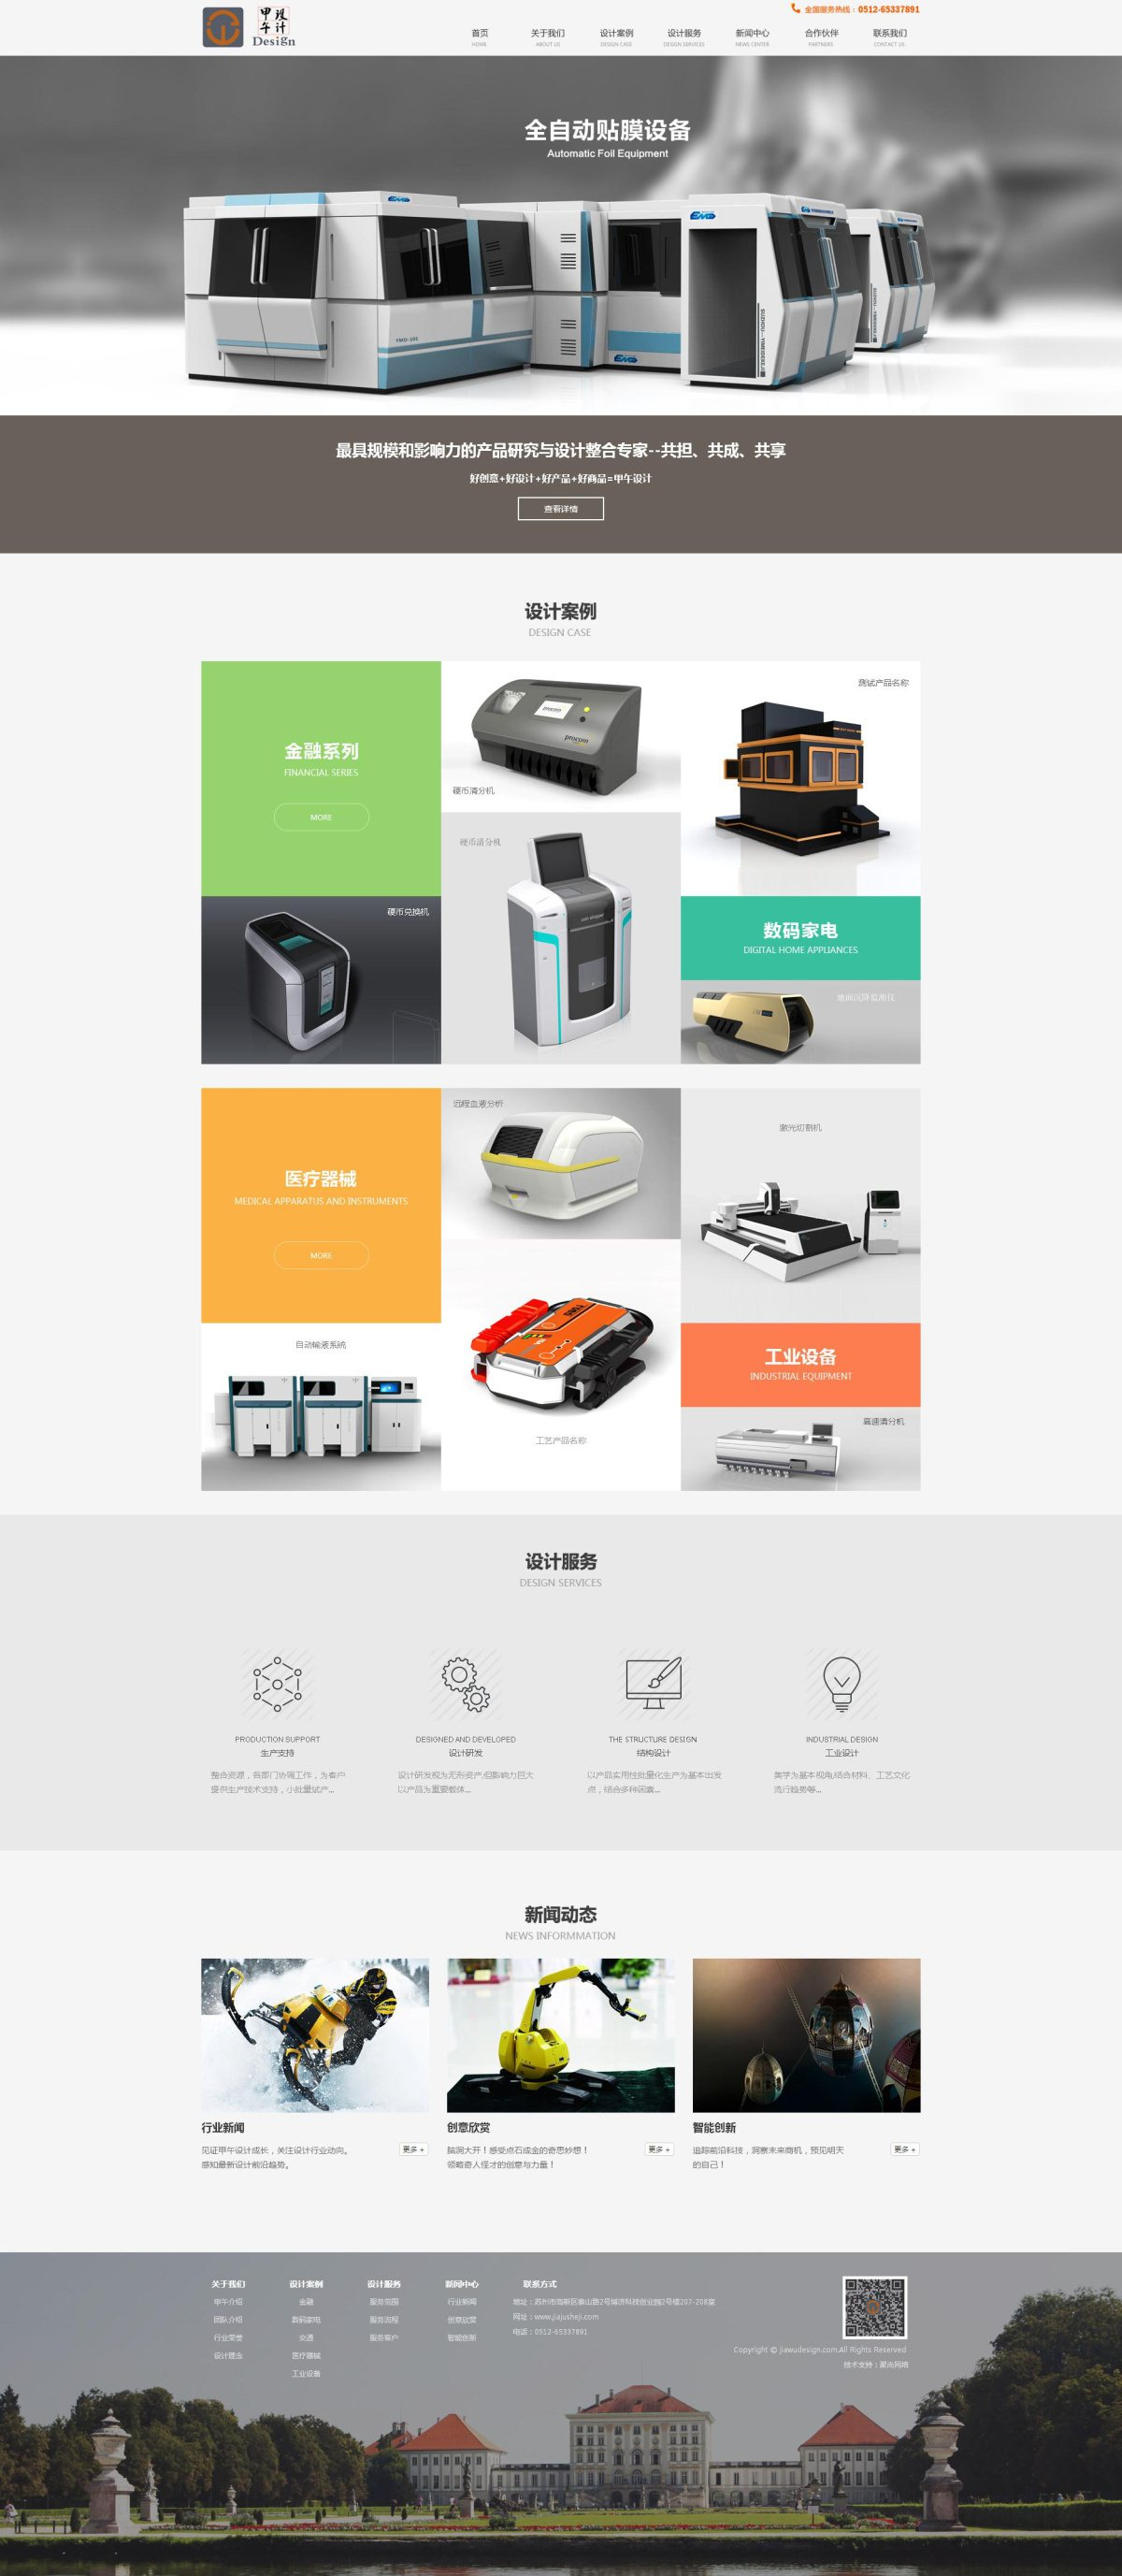 工业产品设计网站_苏州甲午工业产品设计有限公司官网|苏州网络公司|苏州网站建设 ...